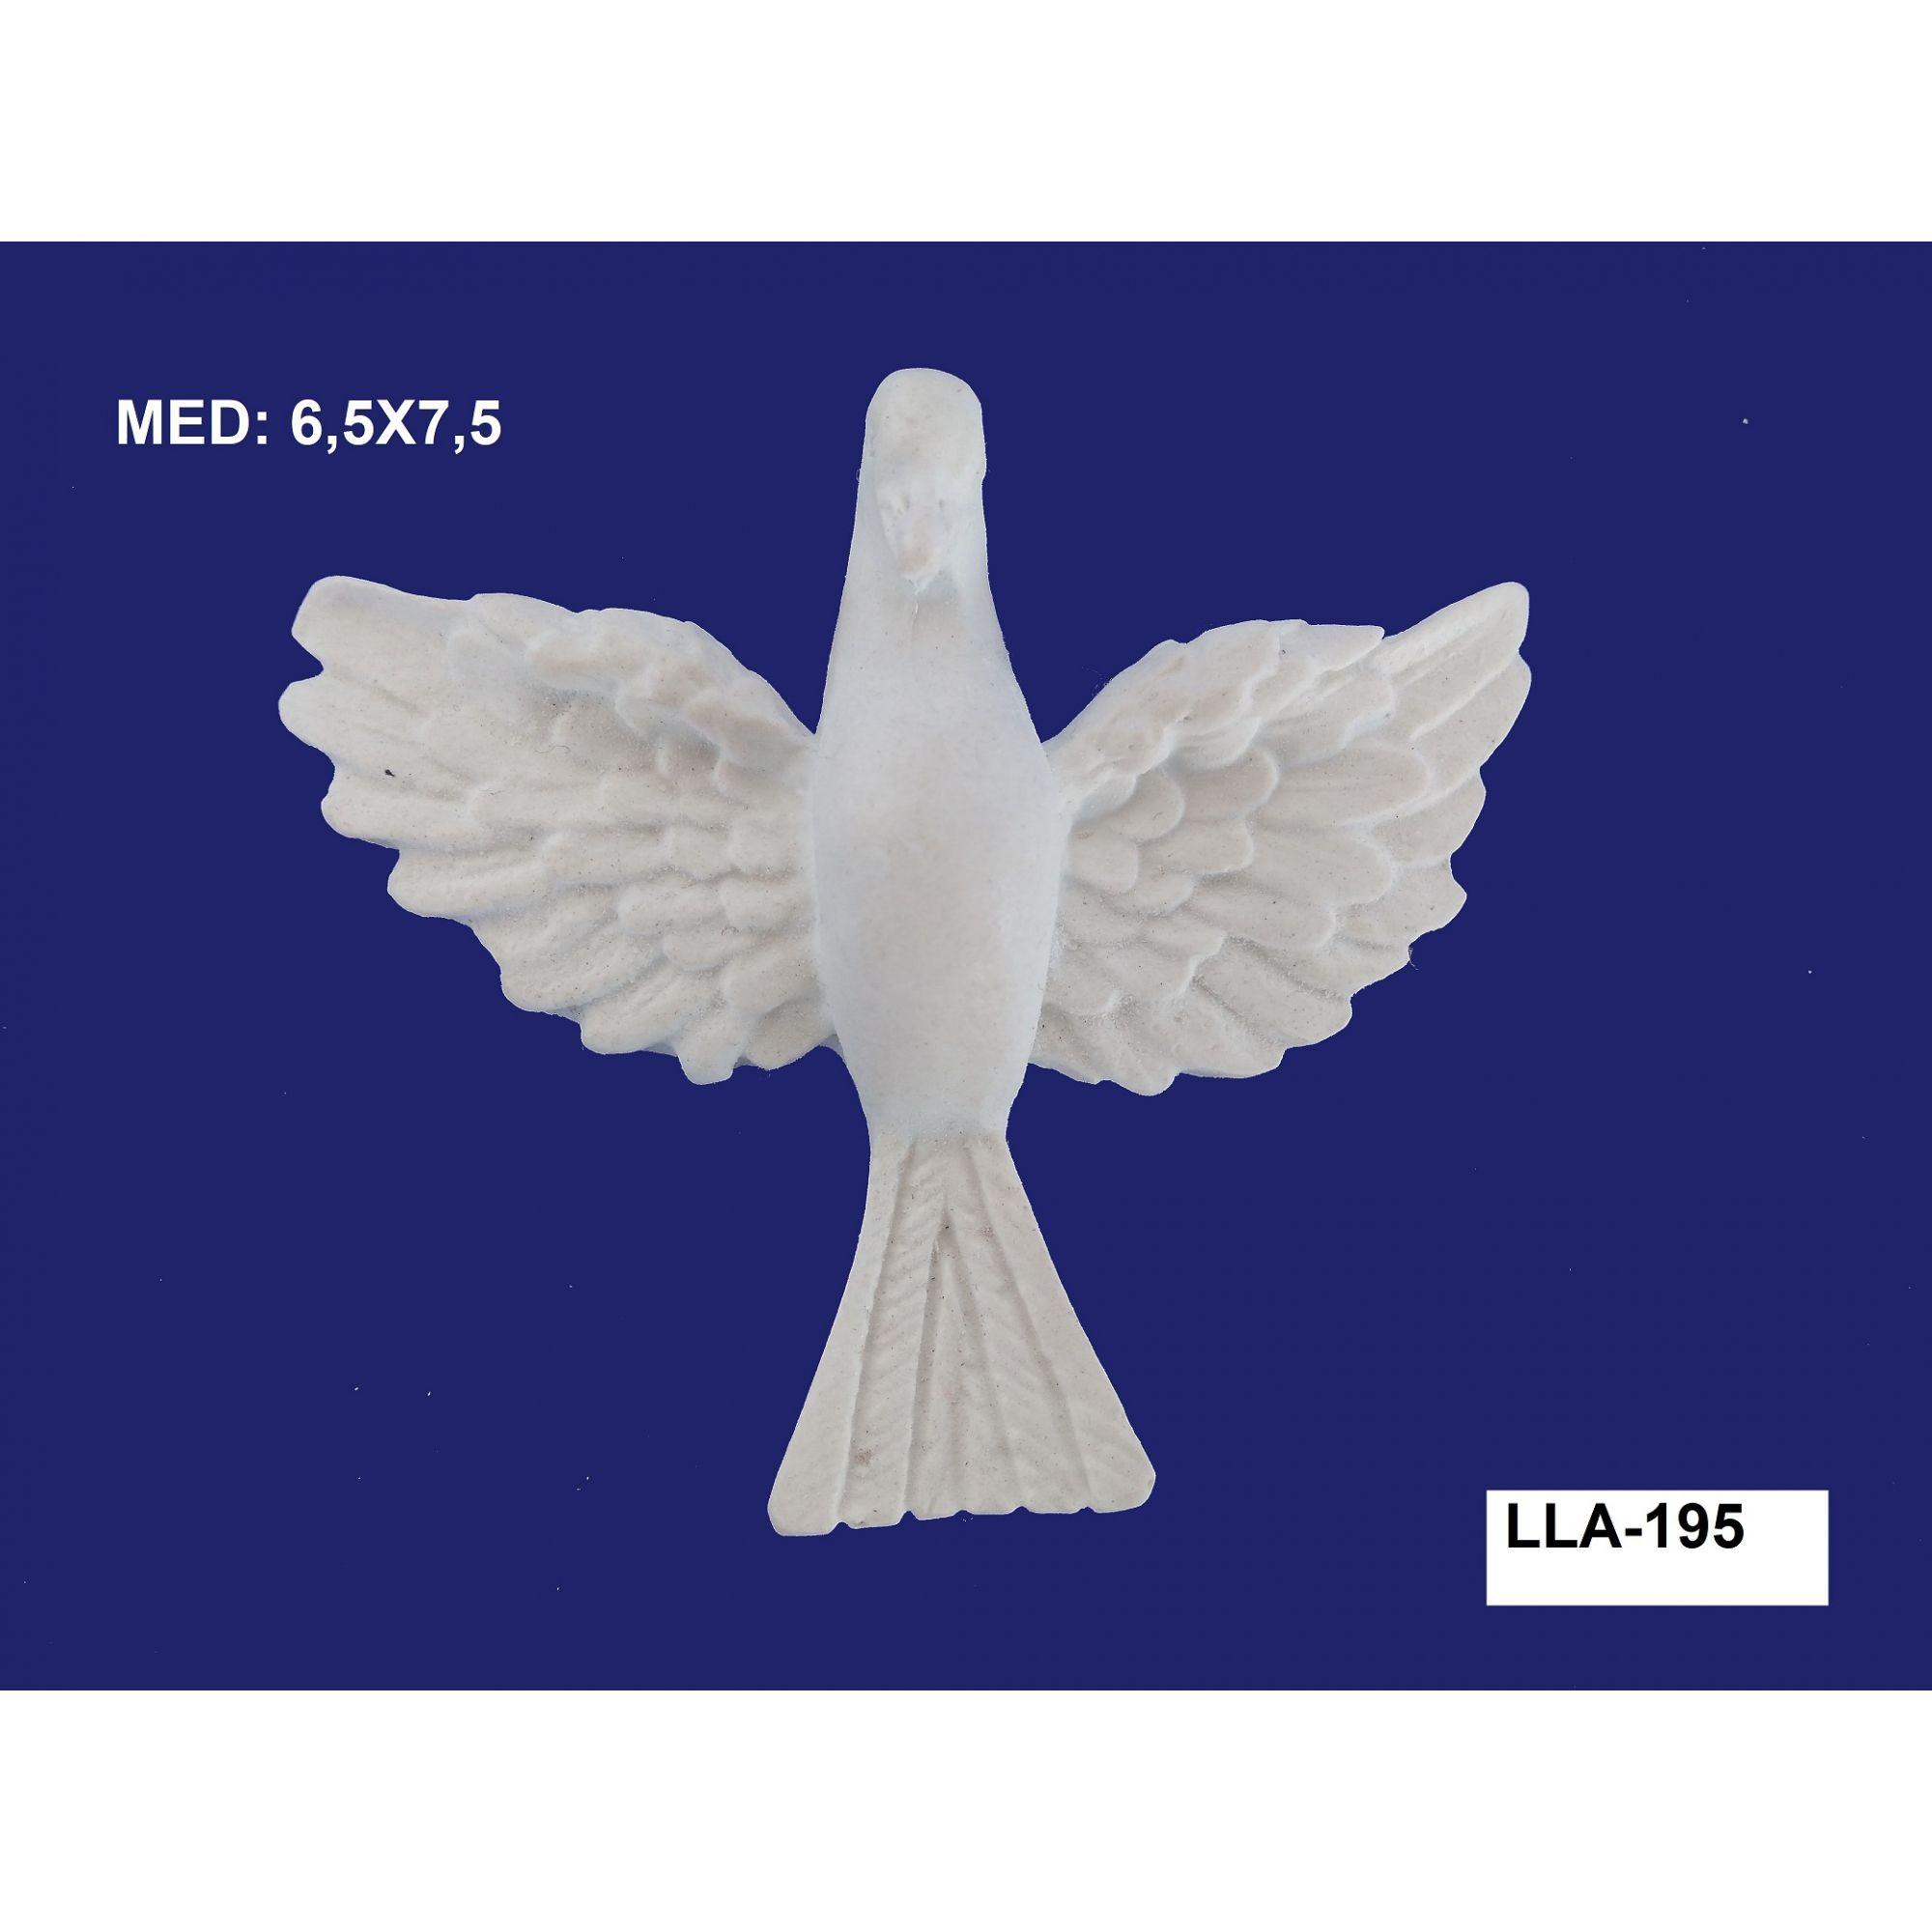 LLA-195 APLIQUE DIVINO 6,5X7,5CM